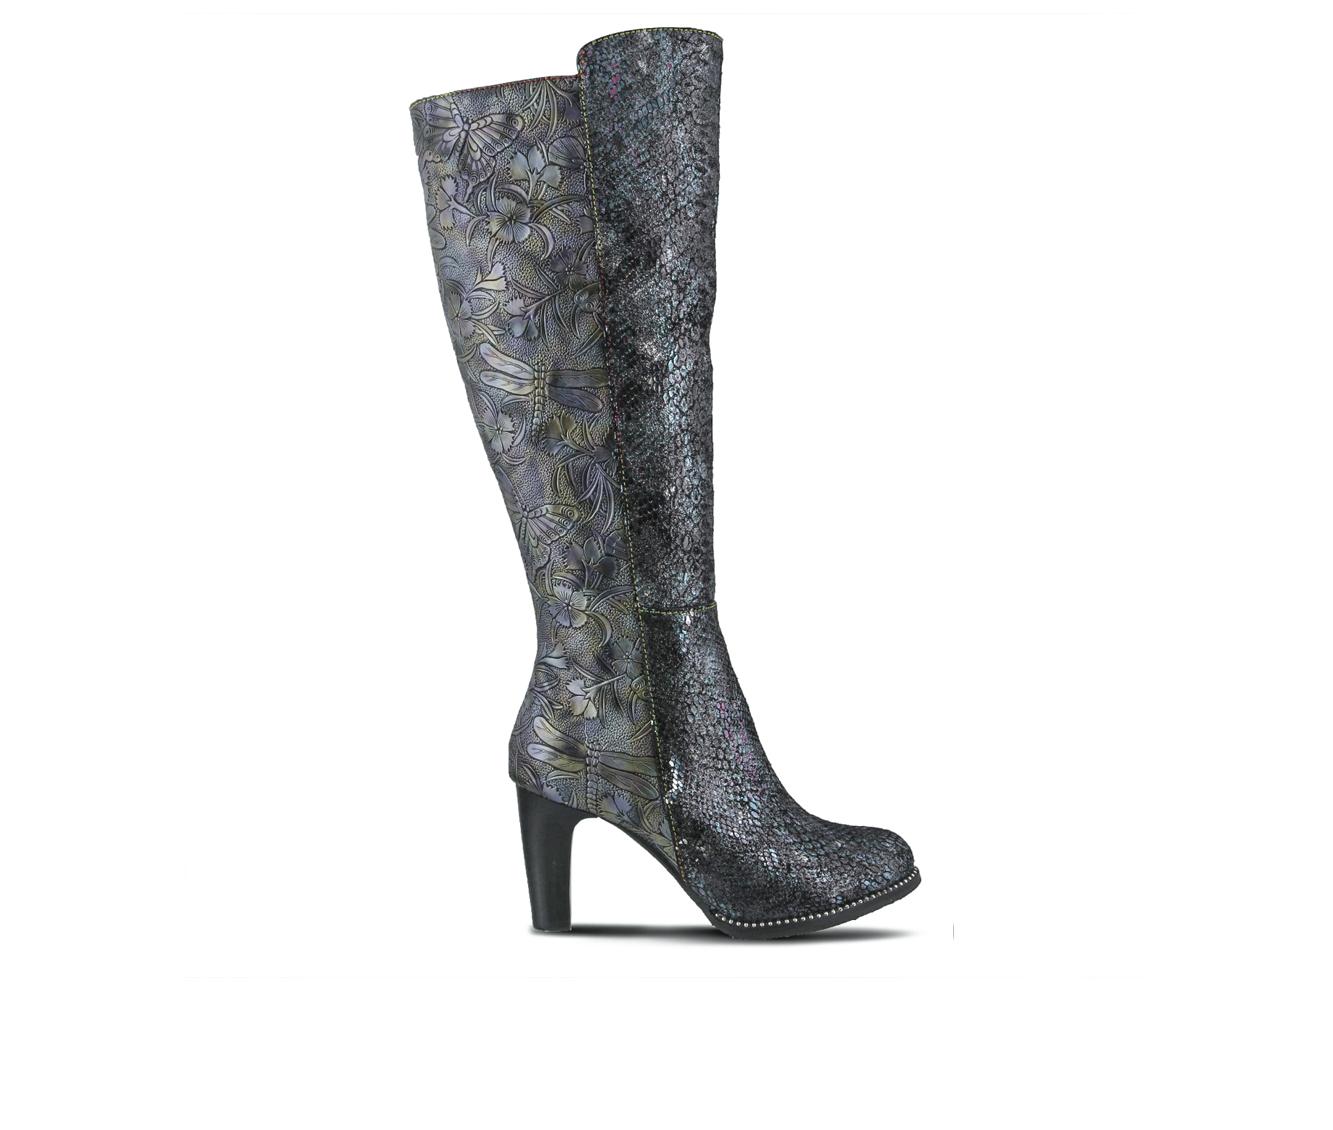 L'Artiste Gorjus Women's Boots (Blue Faux Leather)